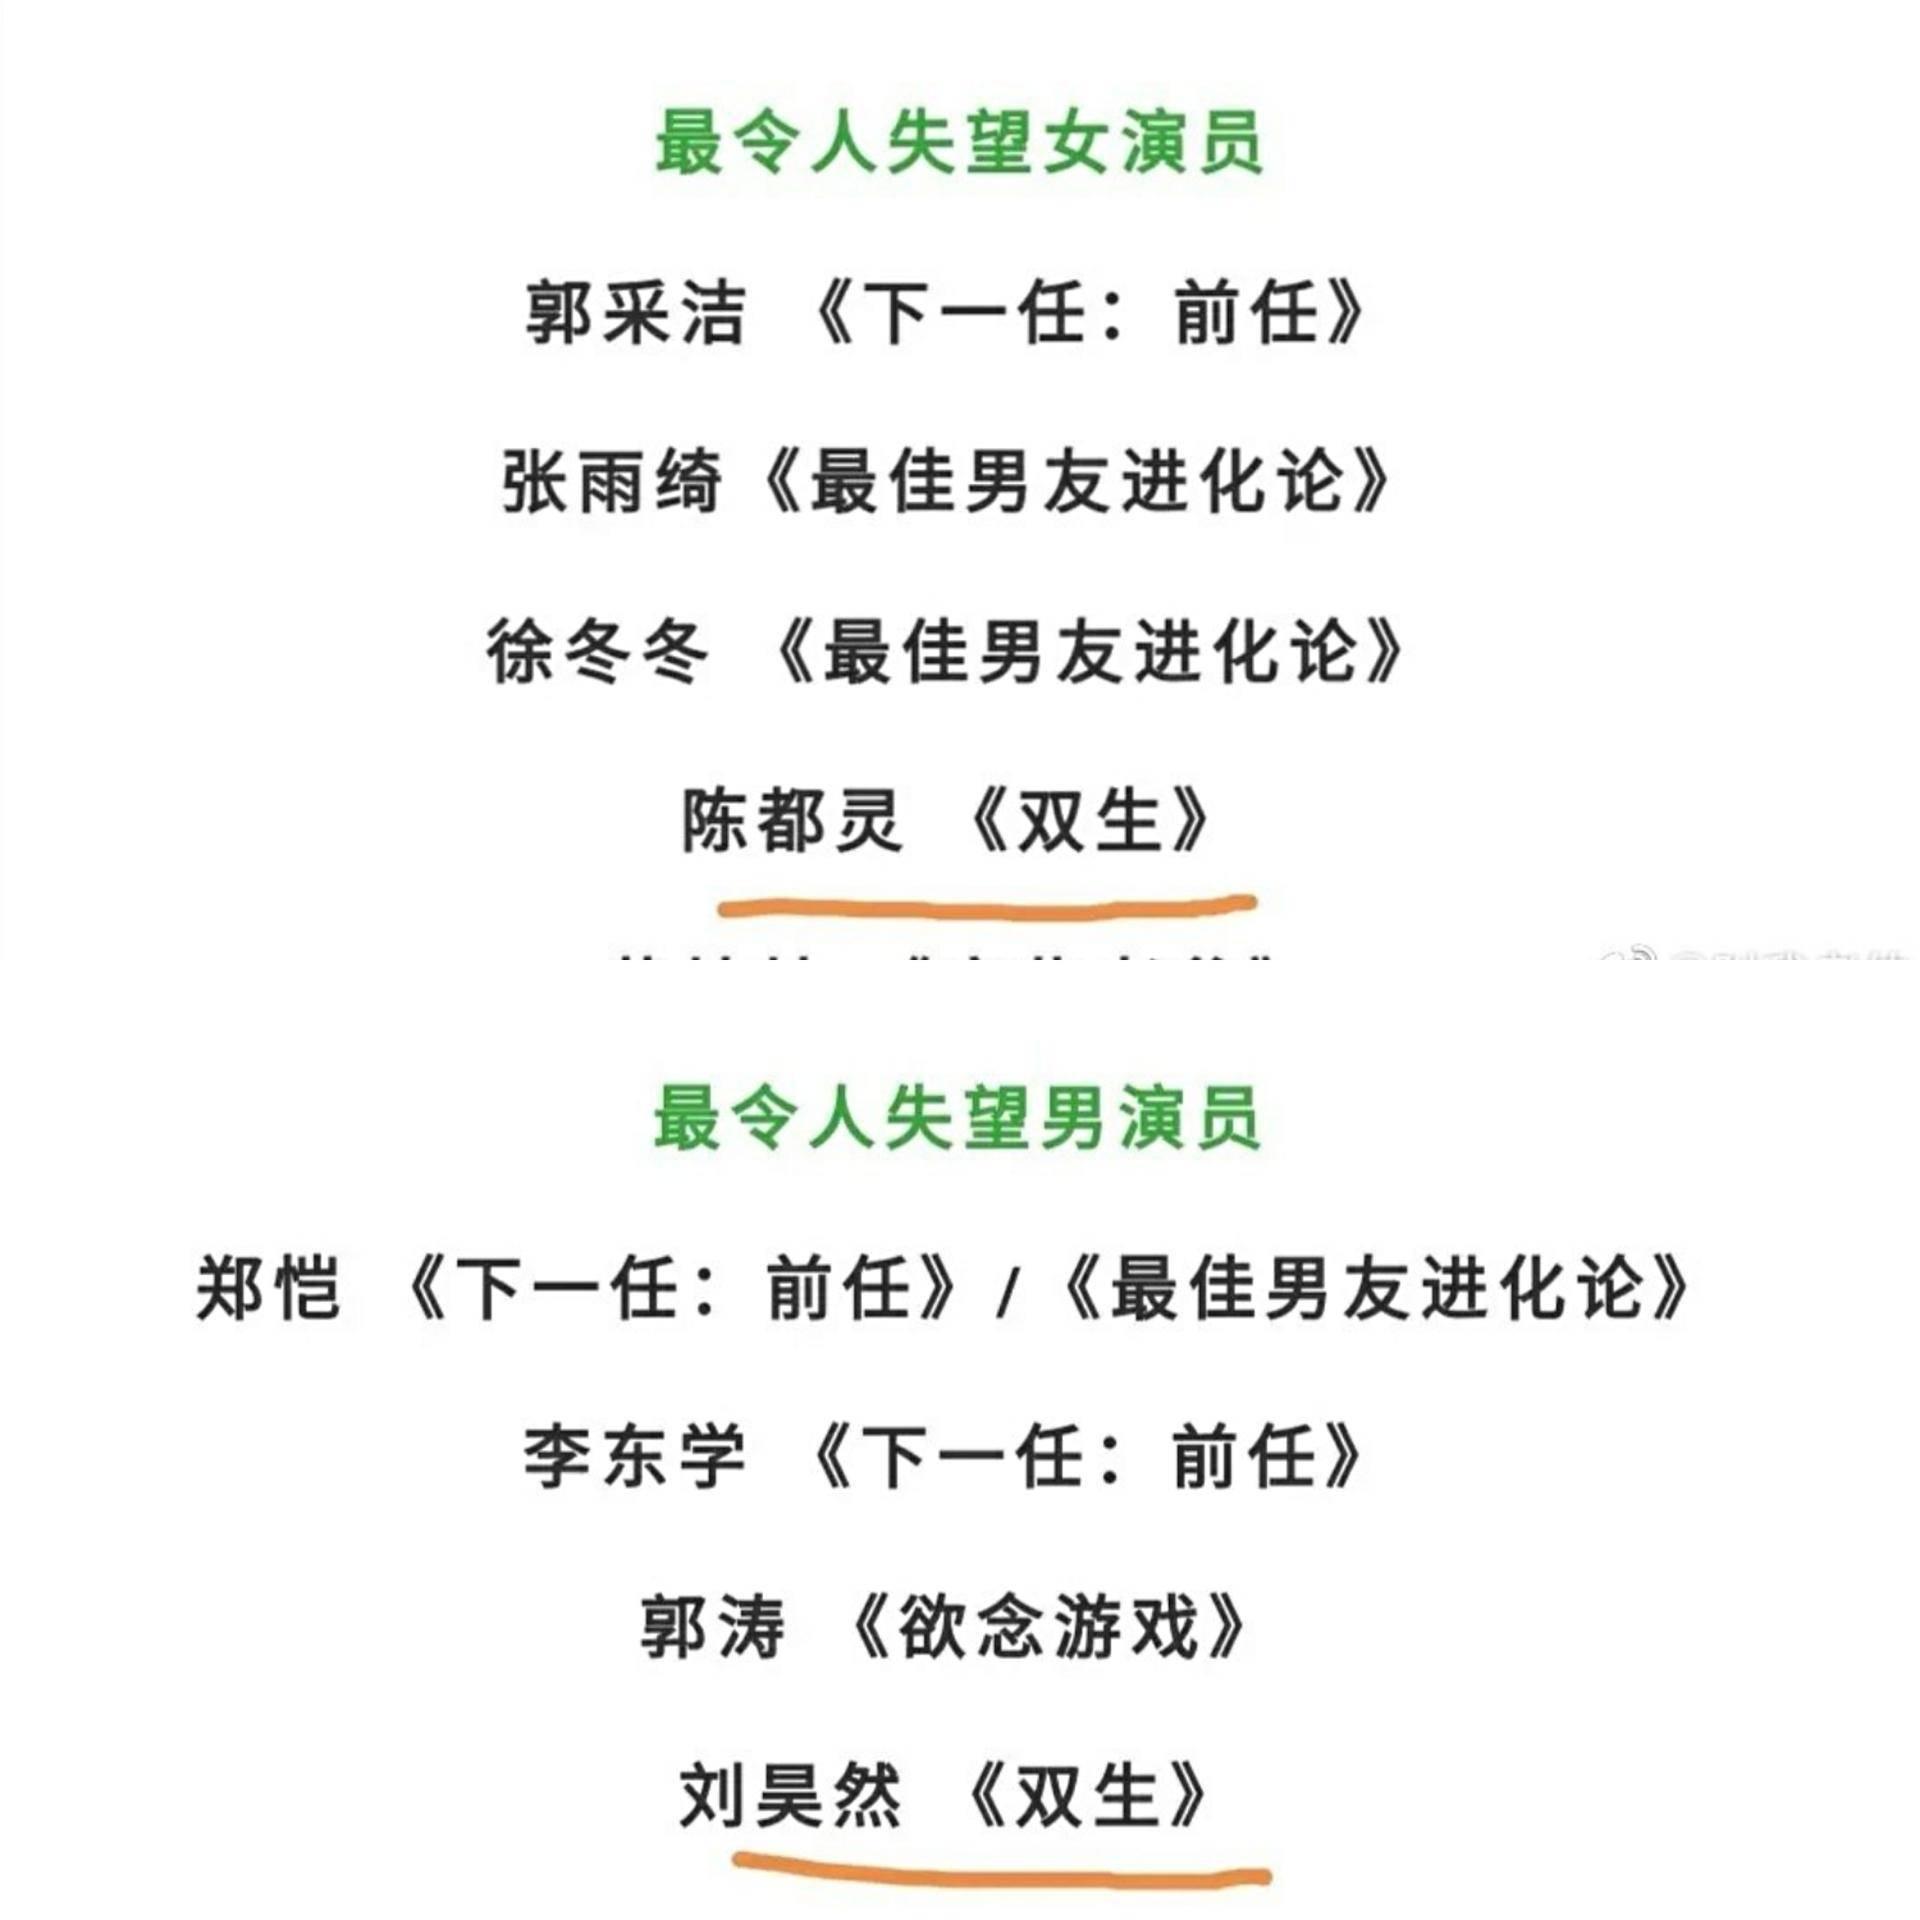 刘昊然陈都灵被提名金扫帚奖 郭采洁等亦榜上有名